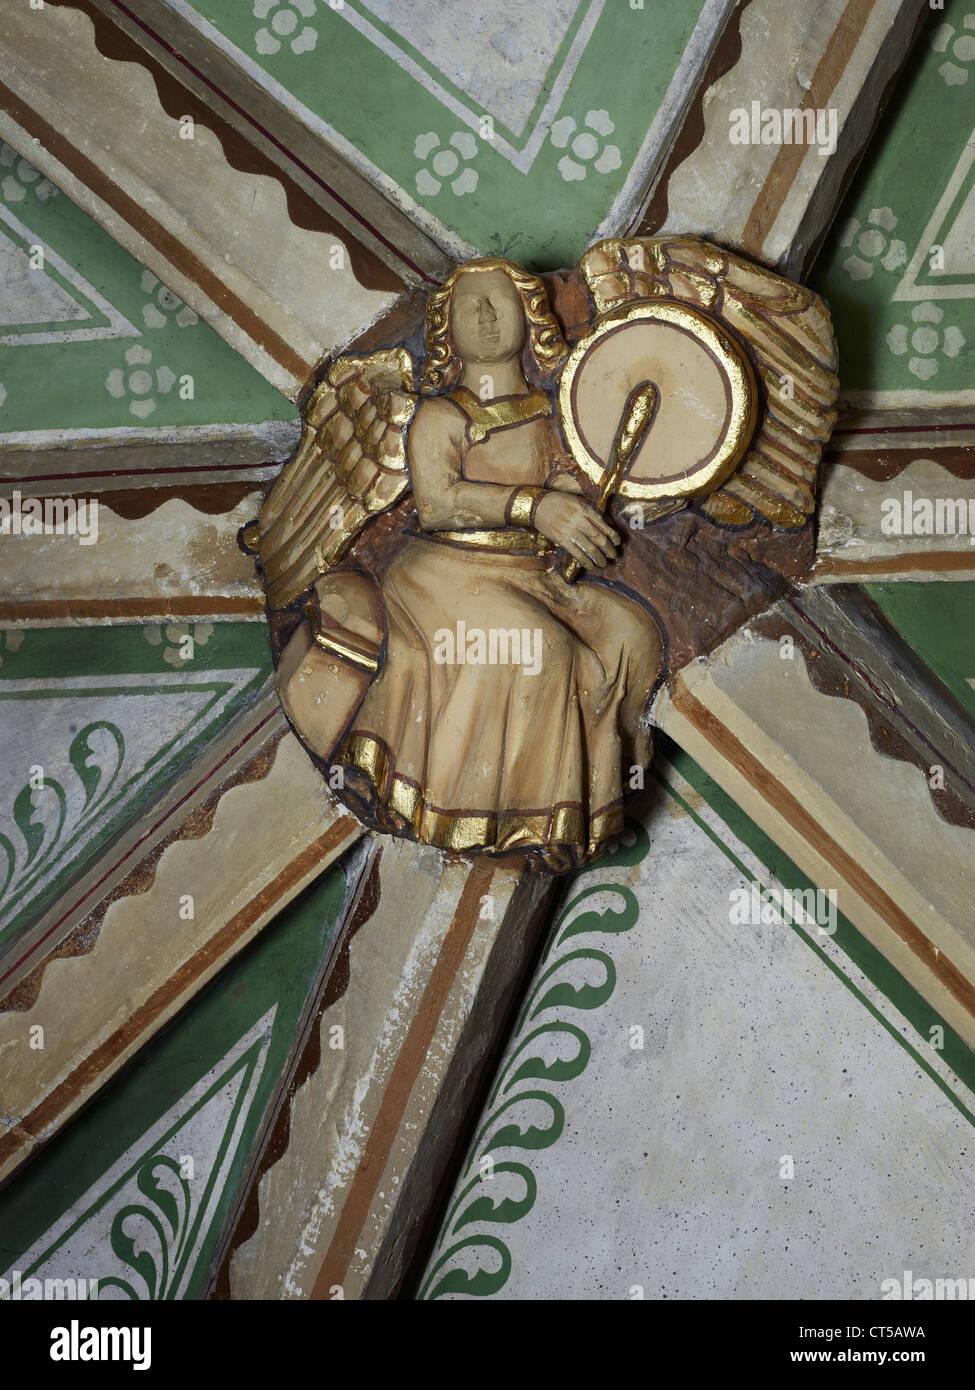 Abbeyangel